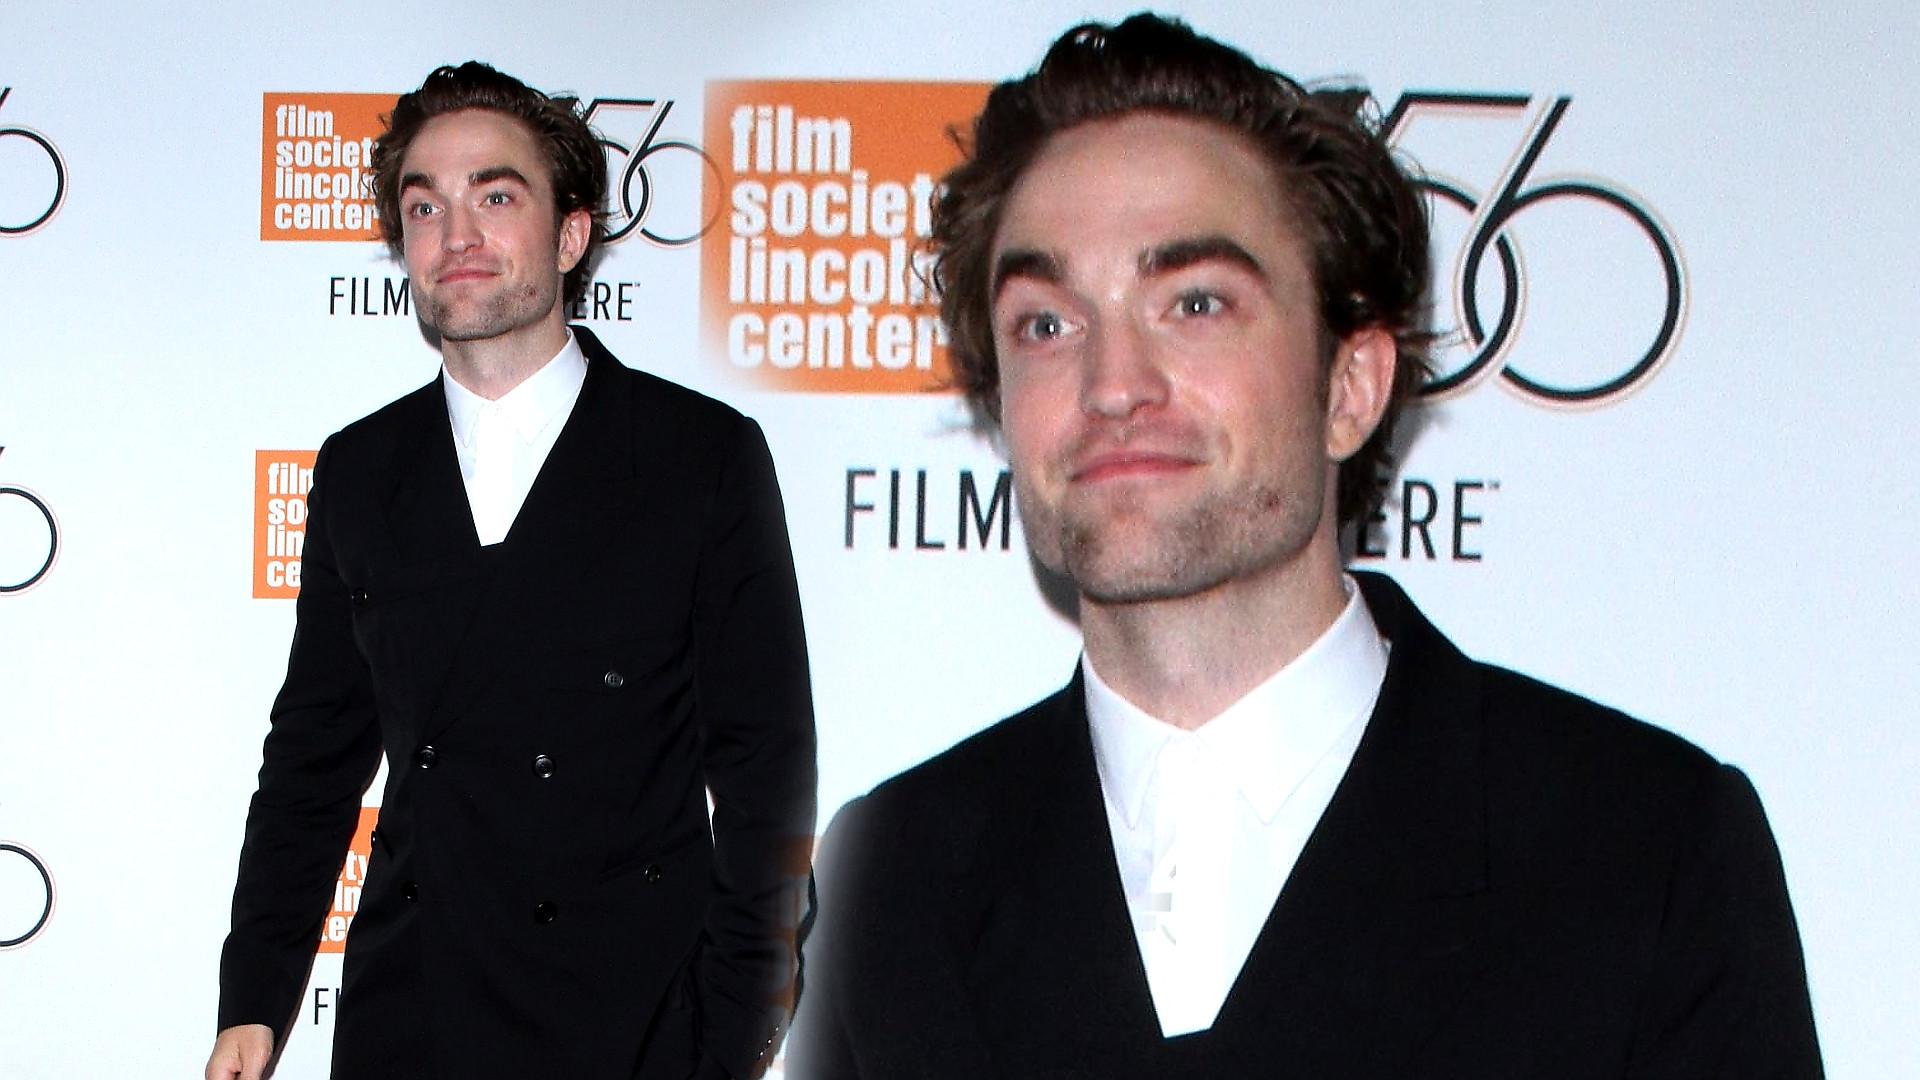 Dziś wszyscy mówią o dziwnej stylówce Roberta Pattinsona (ZDJĘCIA)